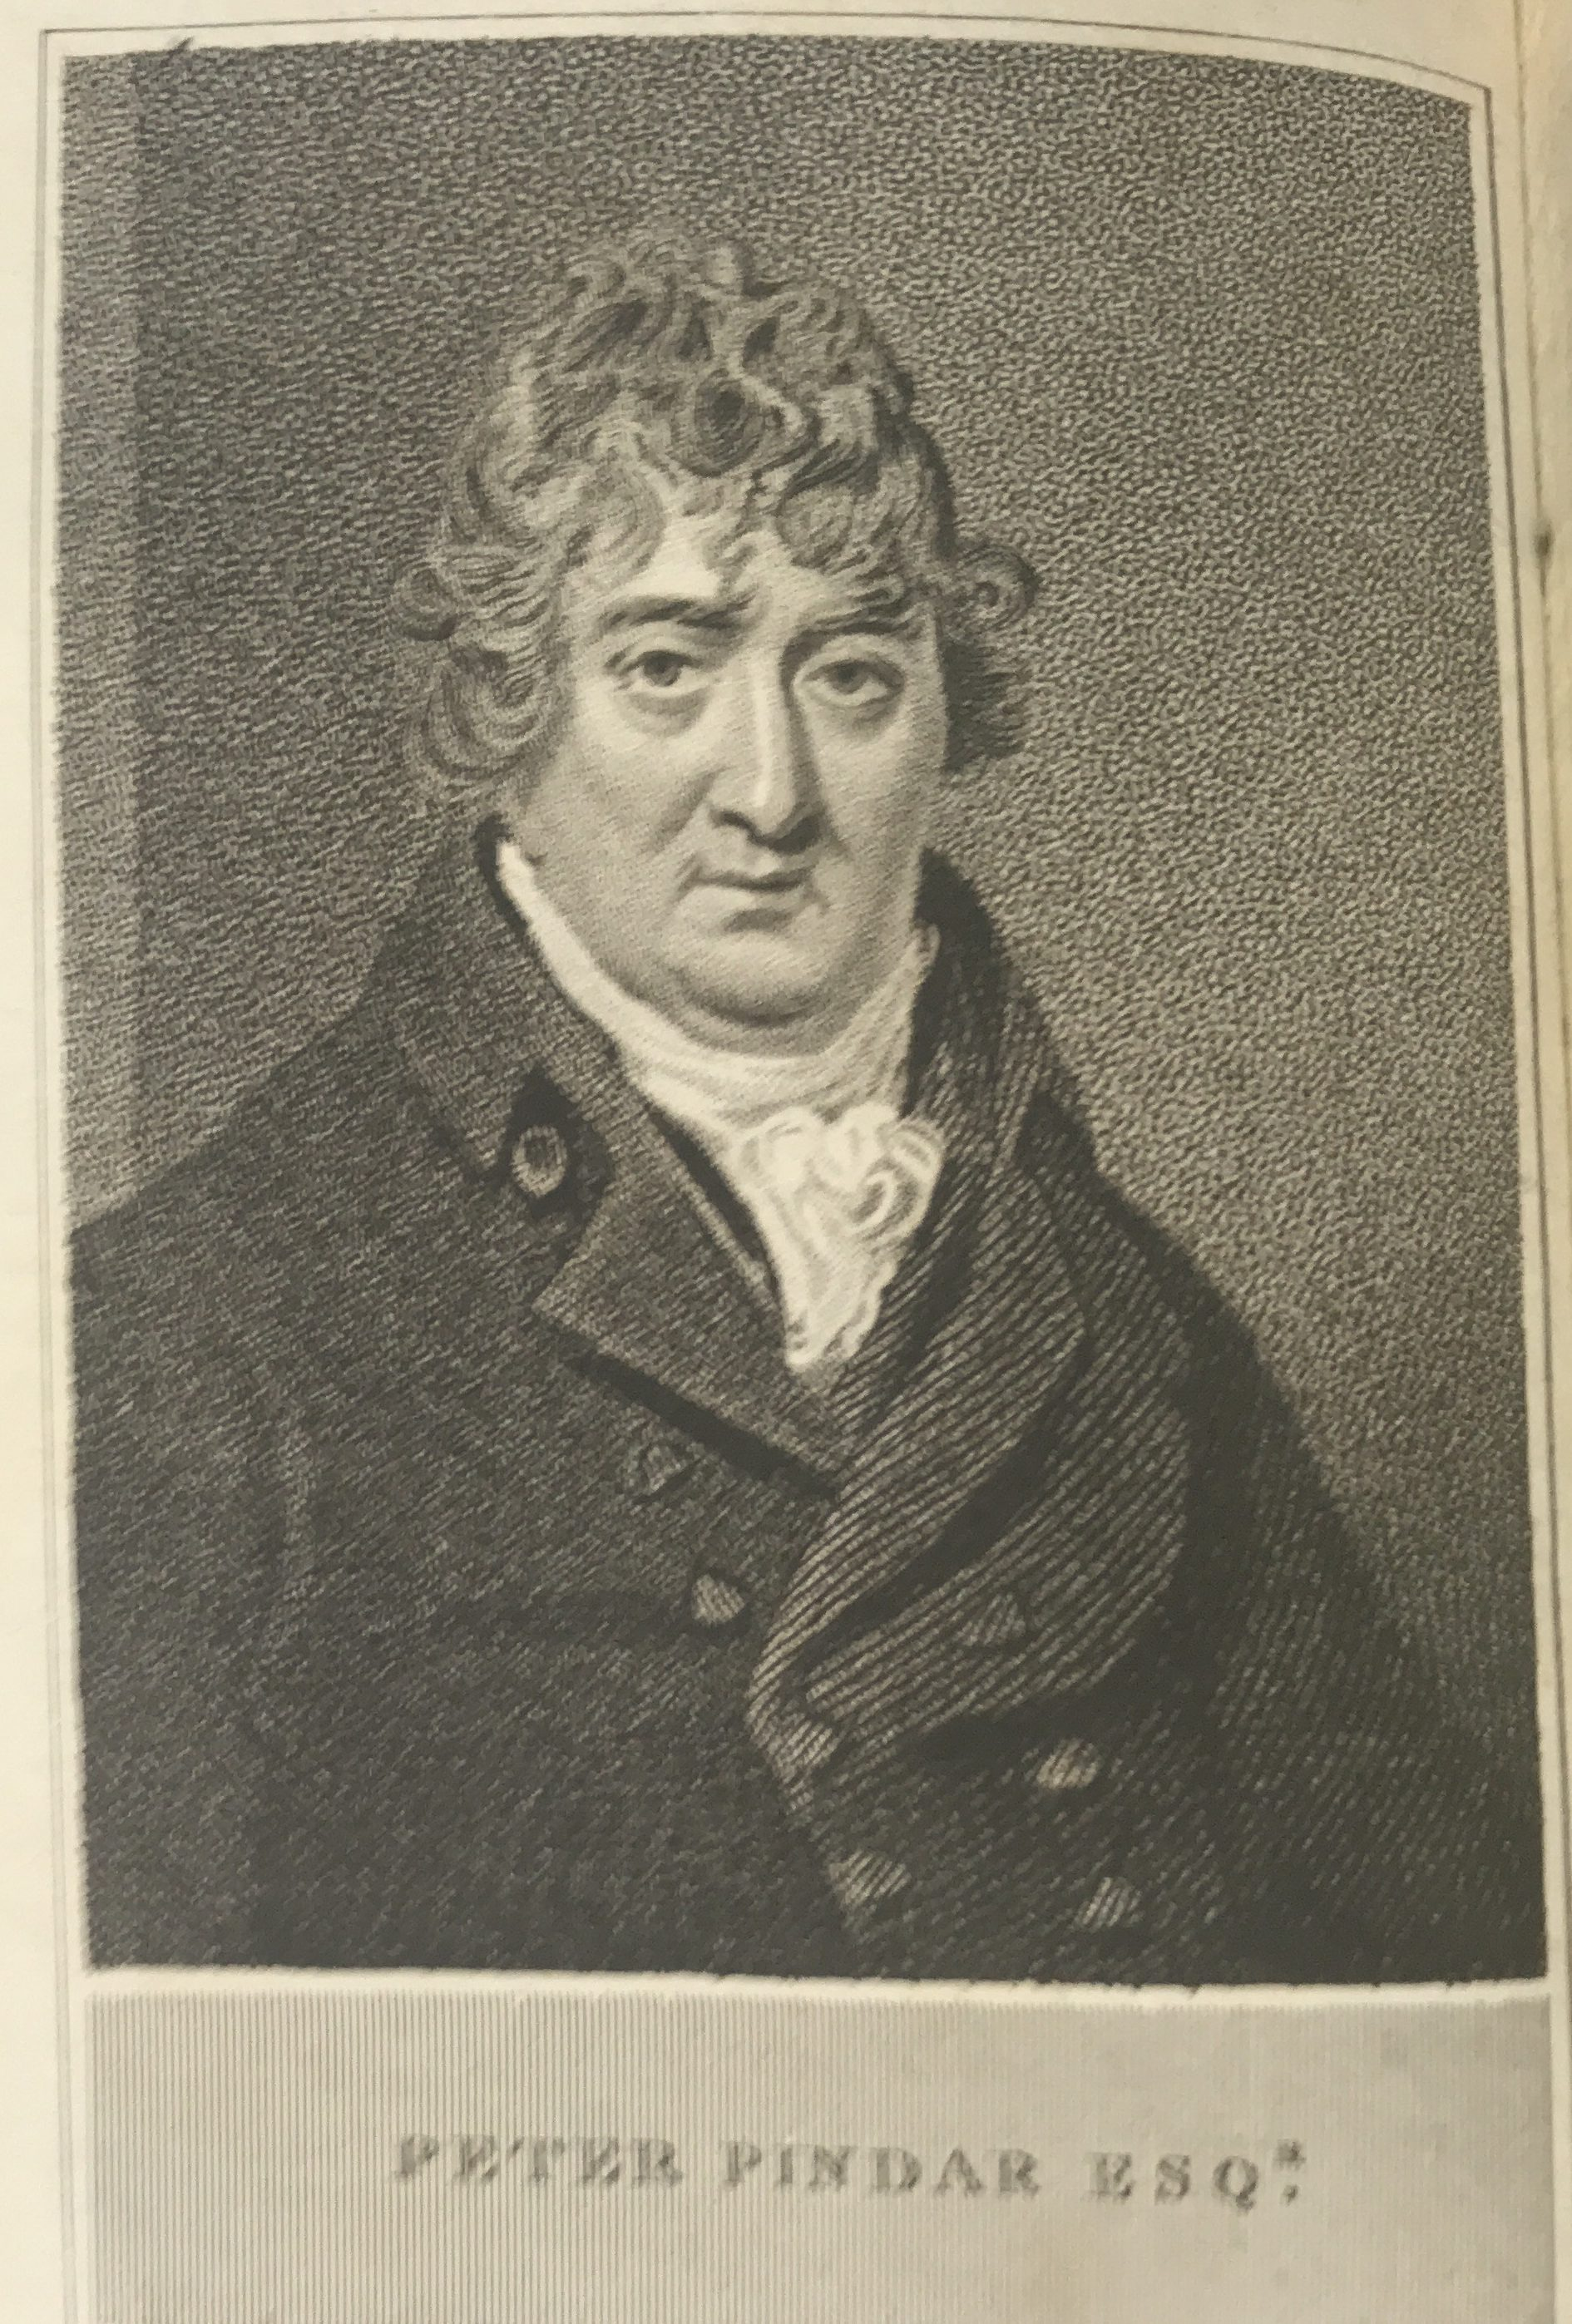 WOLCOT, John (PETER PINDAR)